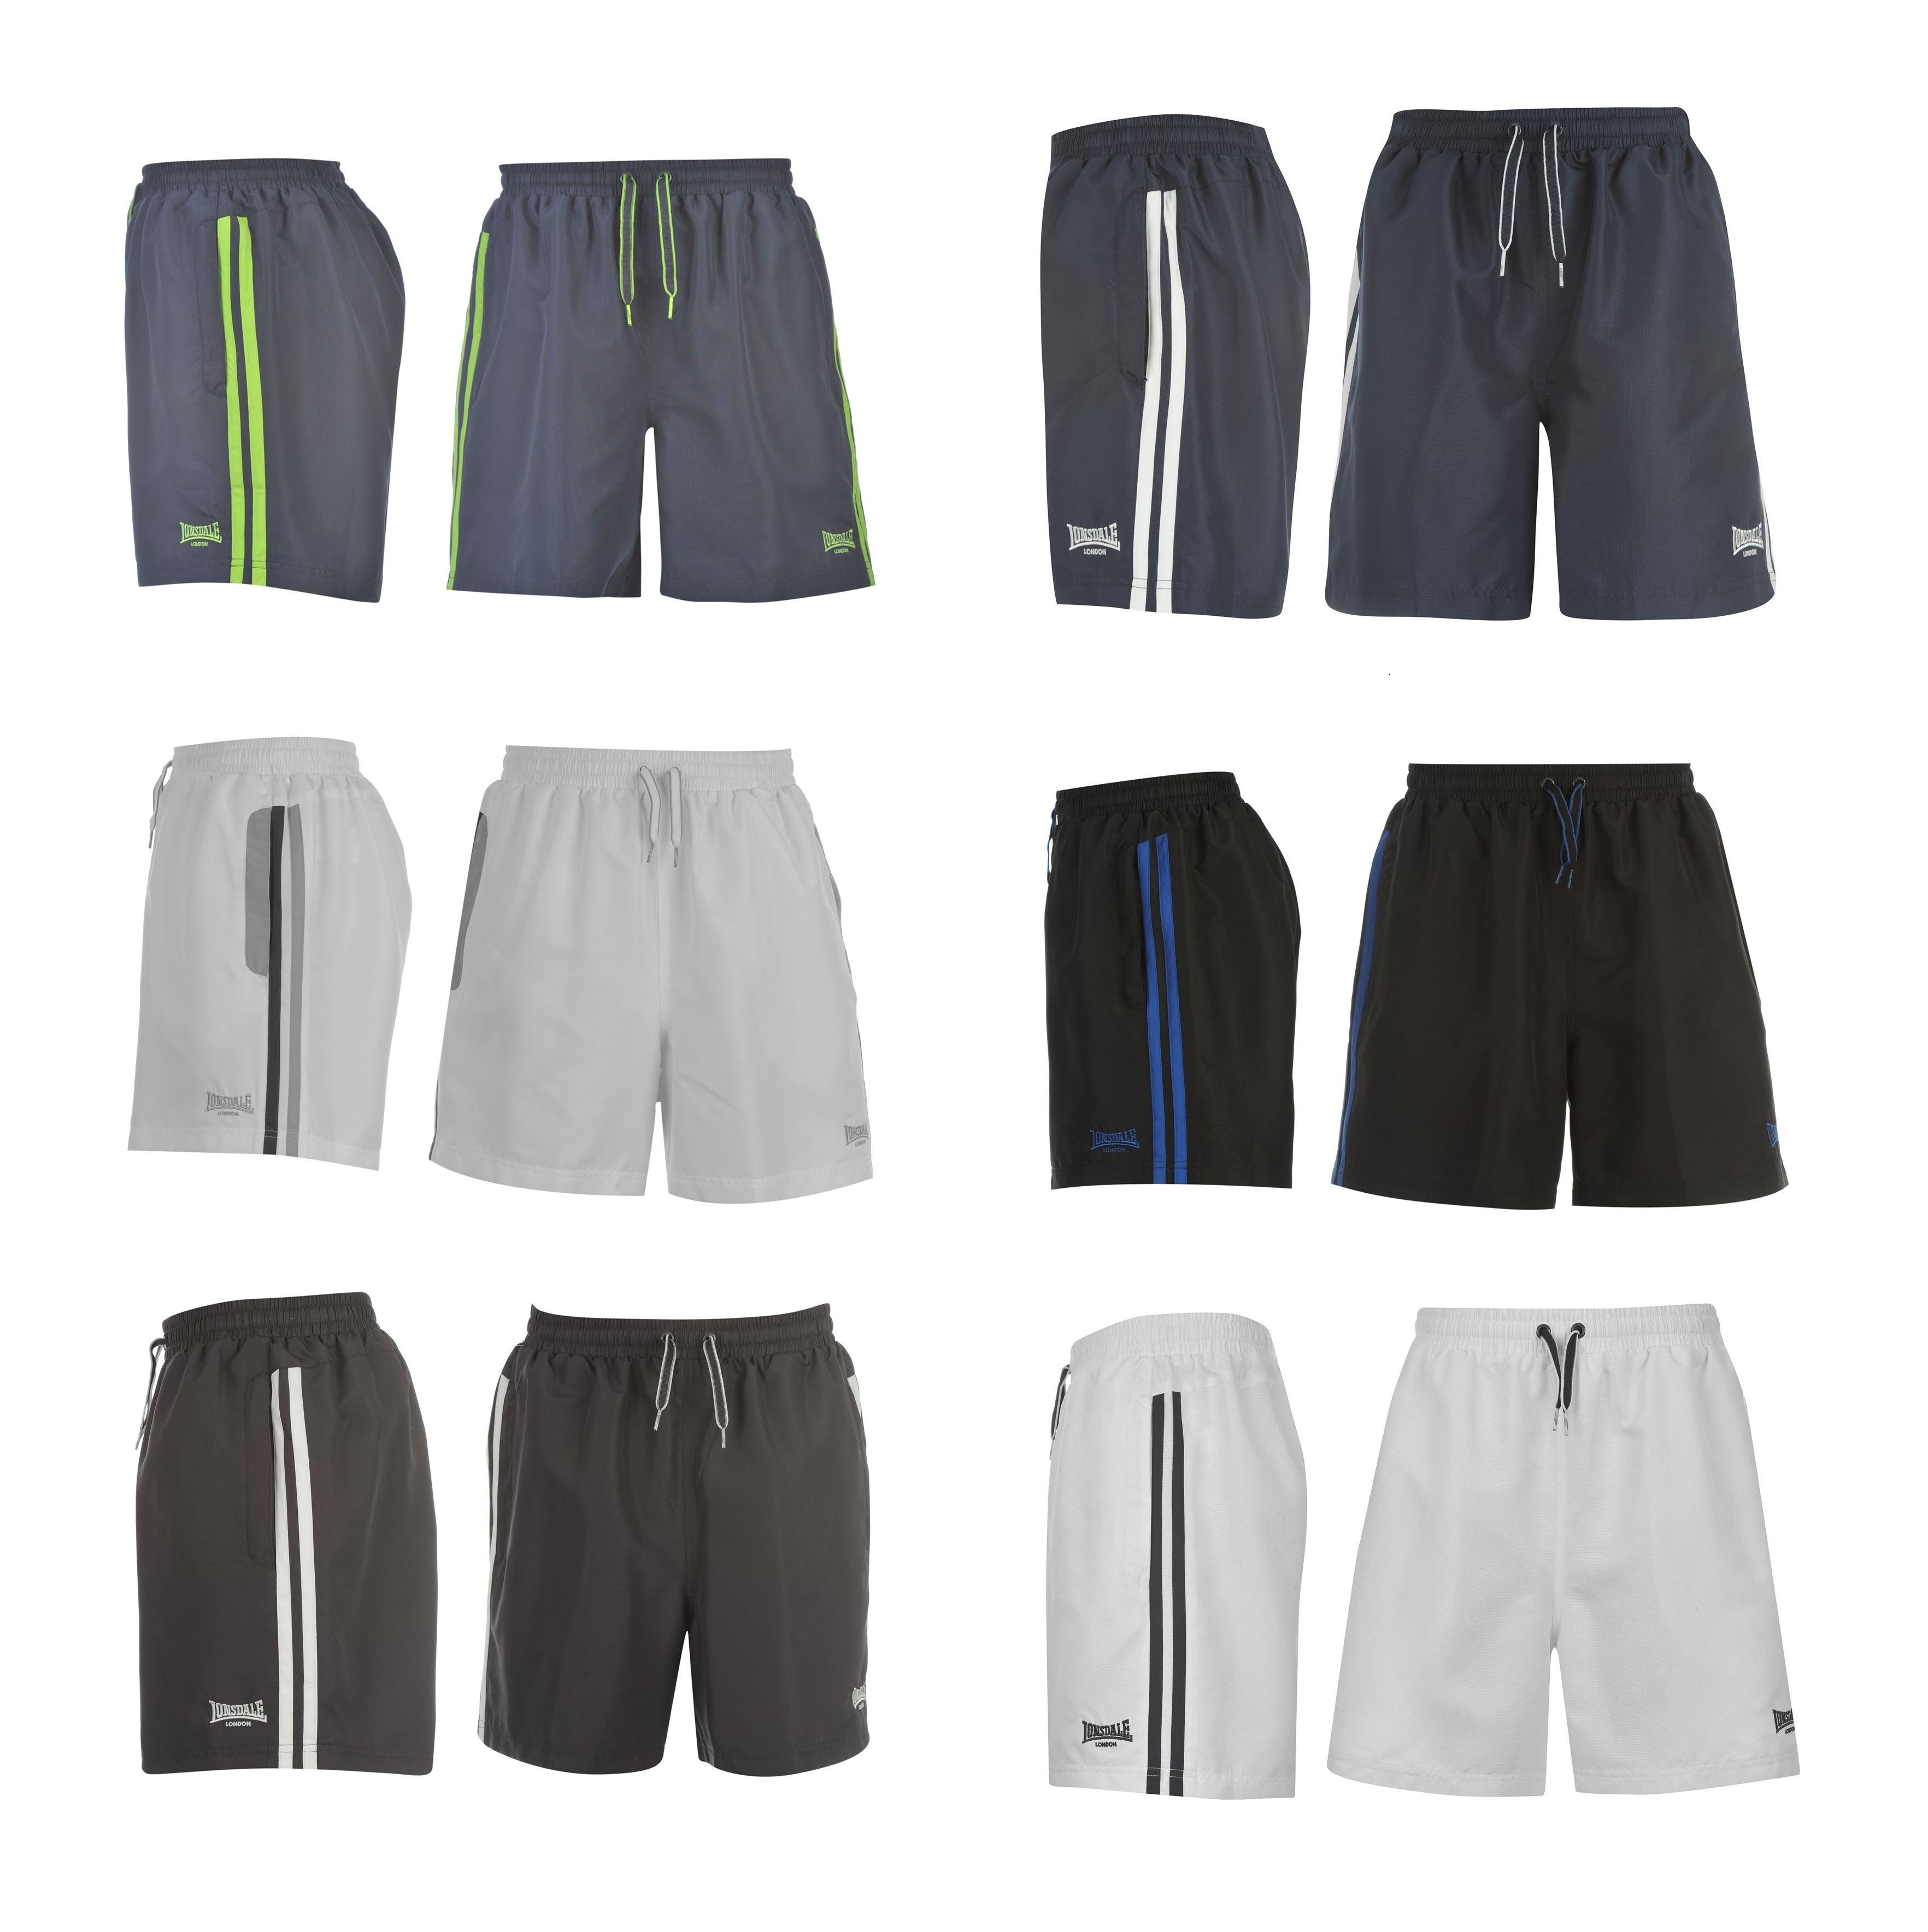 lonsdale herren hose shorts bermuda sporthose badeshorts. Black Bedroom Furniture Sets. Home Design Ideas